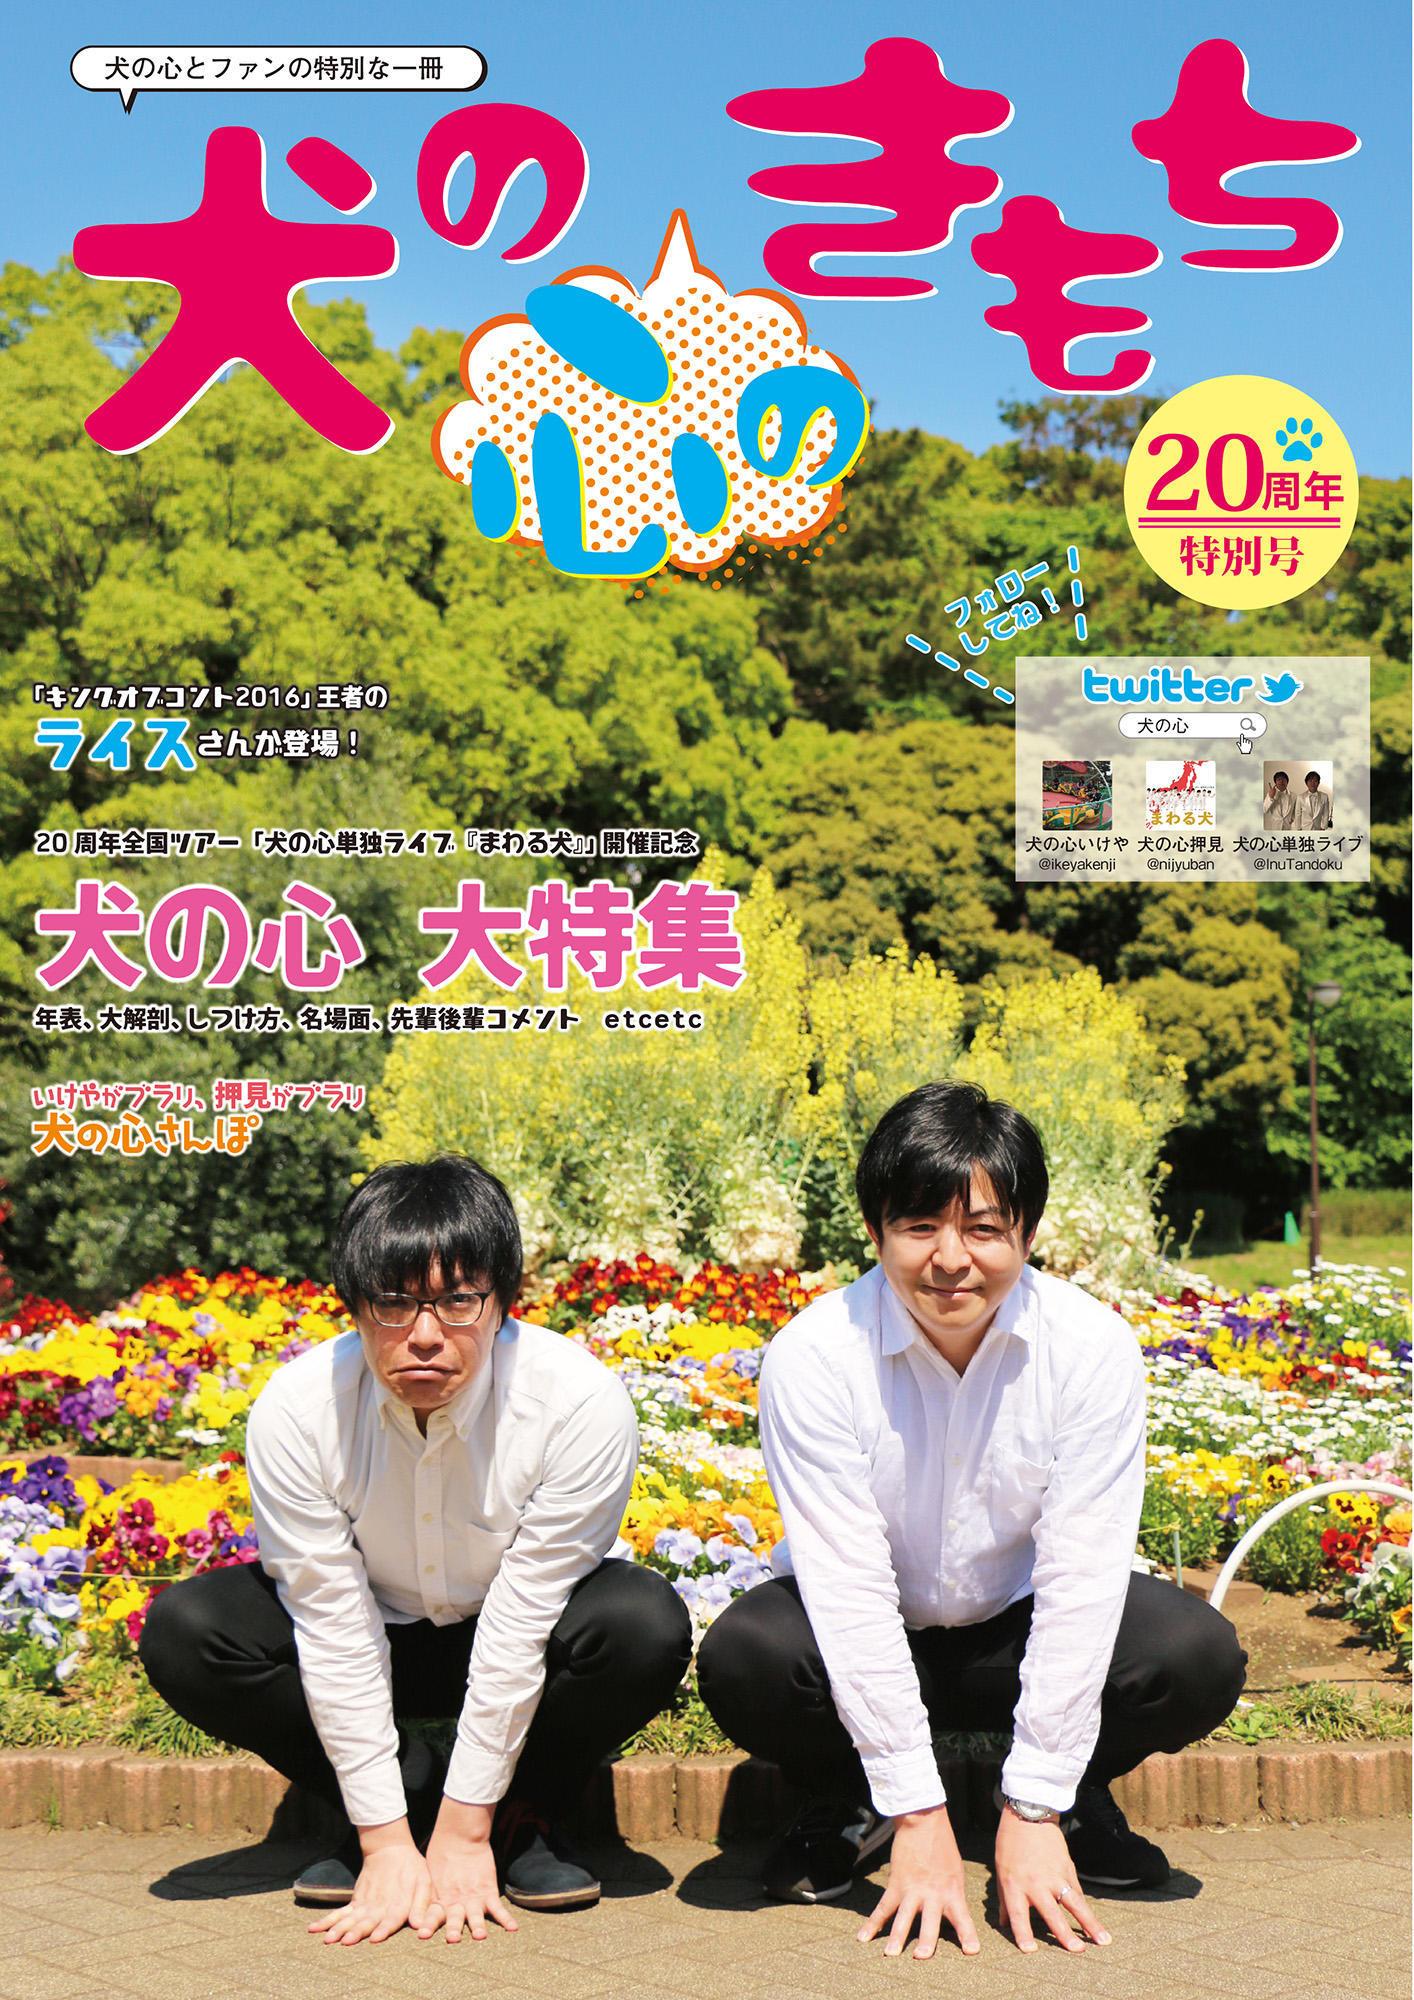 http://news.yoshimoto.co.jp/20170531154301-054220973f6b6f9487f80c28caf652ecdc3b9cfc.jpg